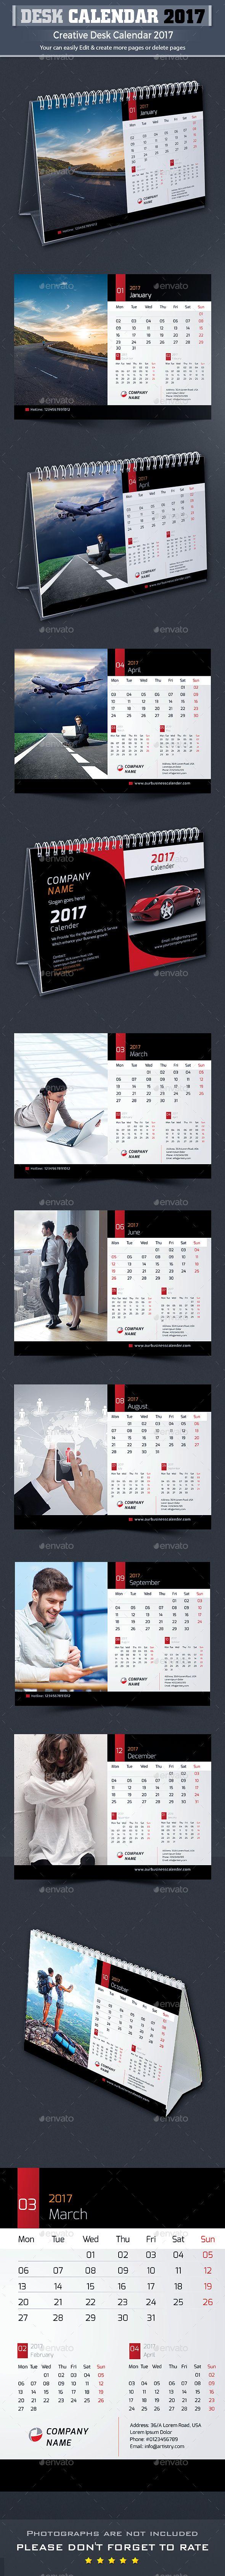 Desk Calendar 2017 Template InDesign INDD. Download here: https://graphicriver.net/item/desk-calendar-2017/16721571?ref=ksioks